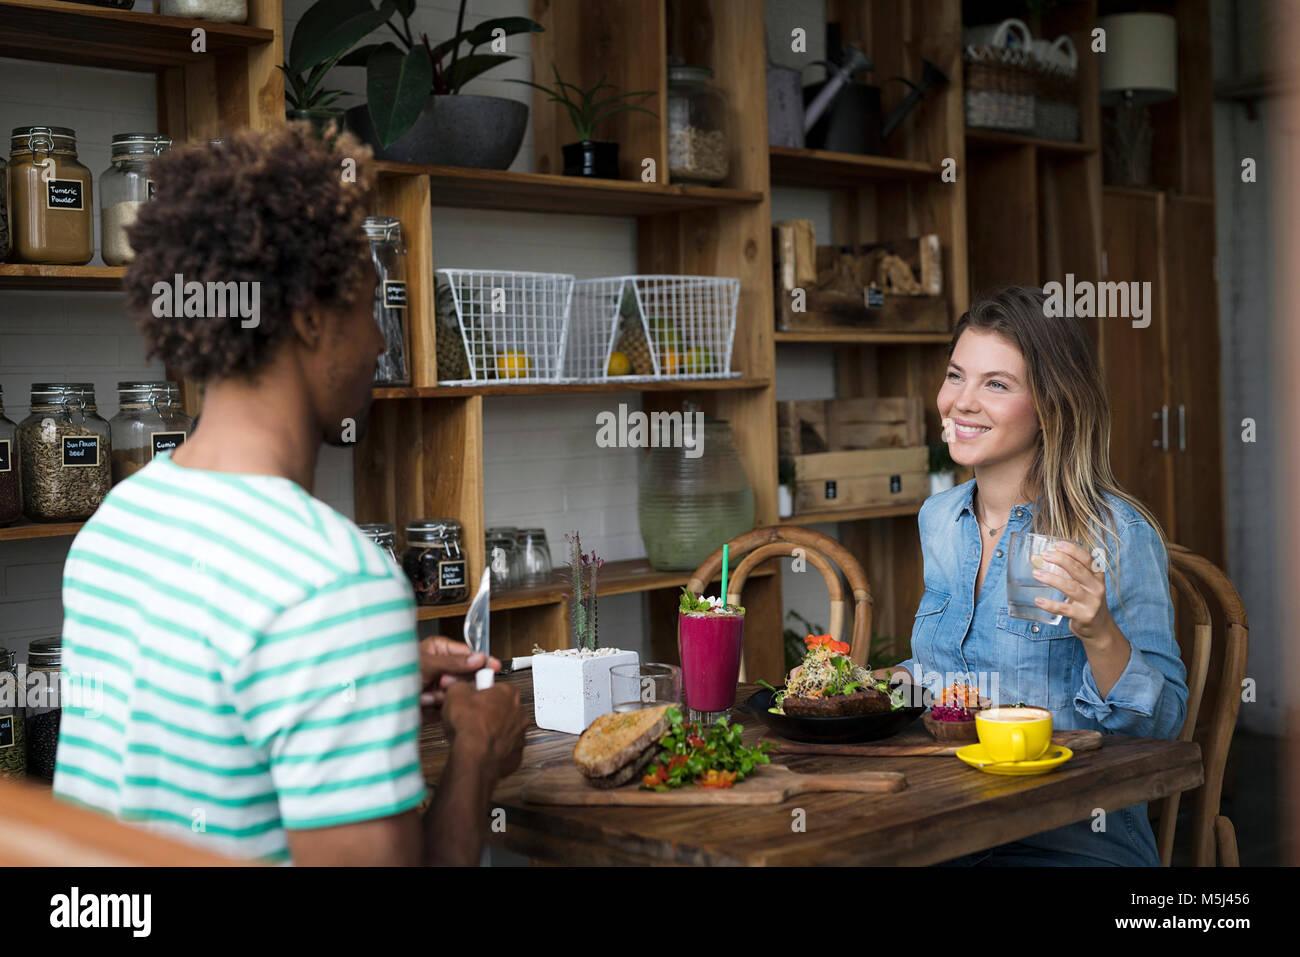 Smiling couple prendre un repas ensemble dans un restaurant confortable Banque D'Images